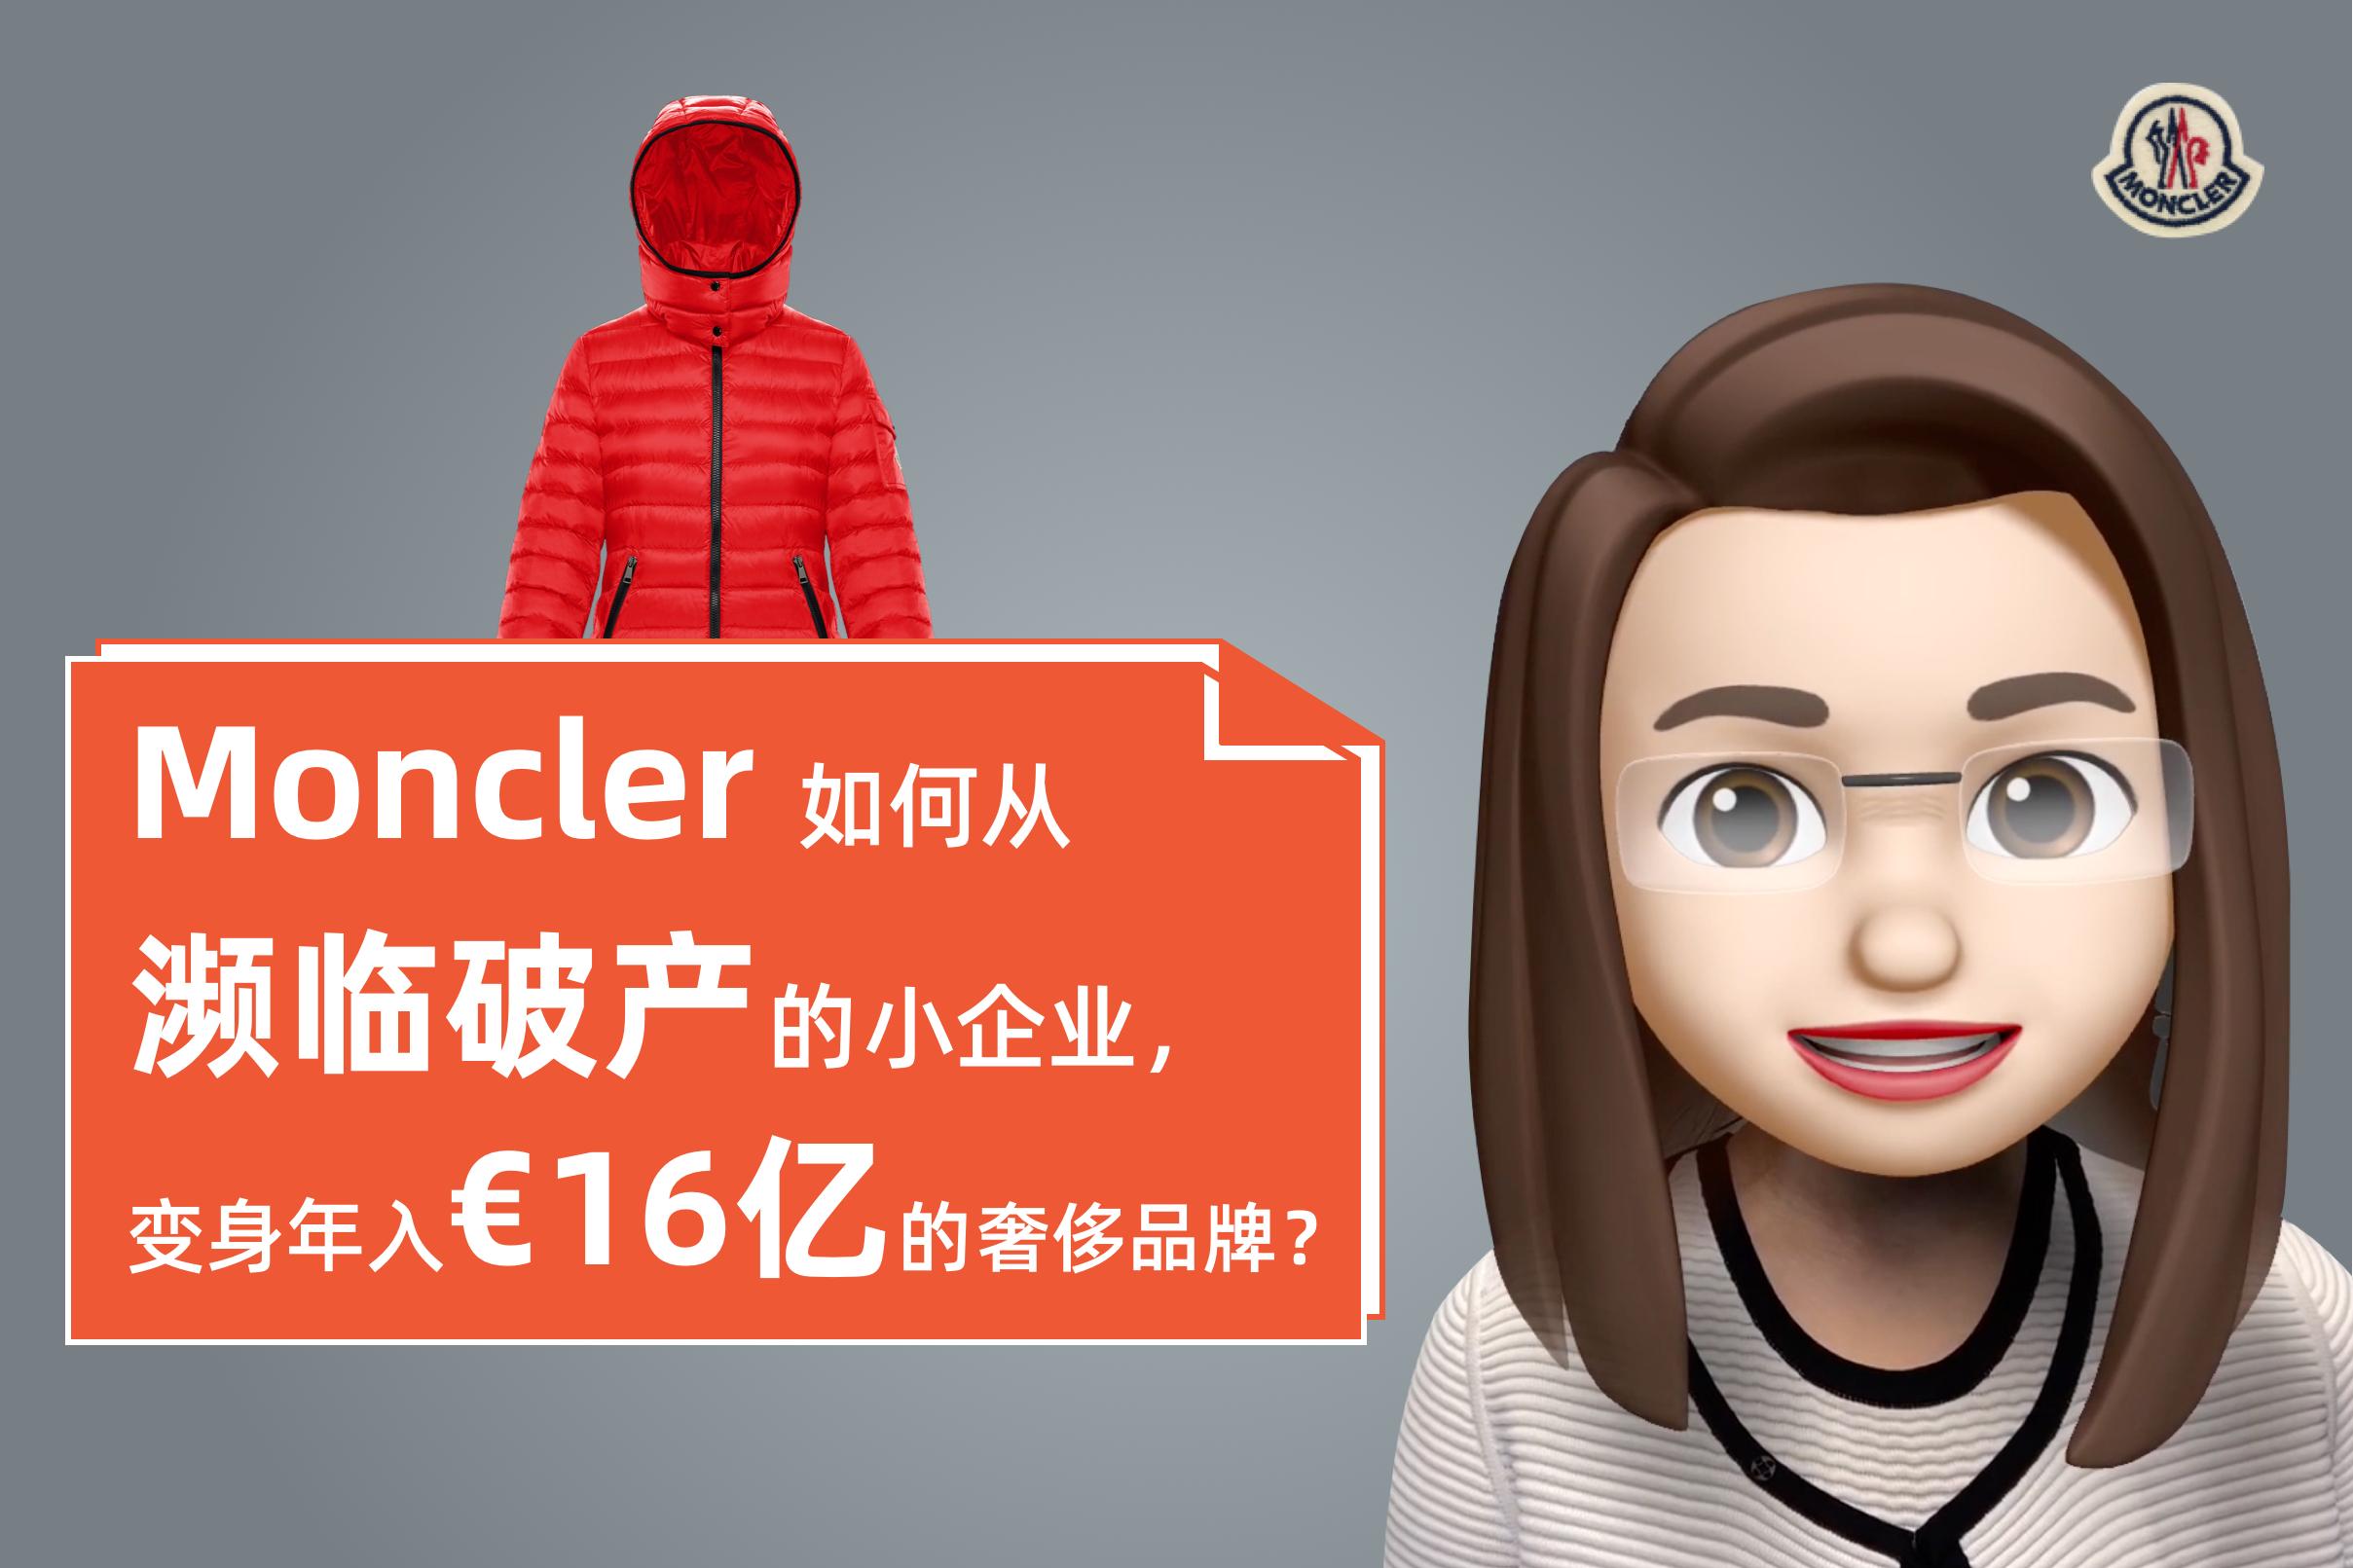 Moncler如何从一家濒临破产的小企业变身年销售16亿欧元的奢侈品牌??